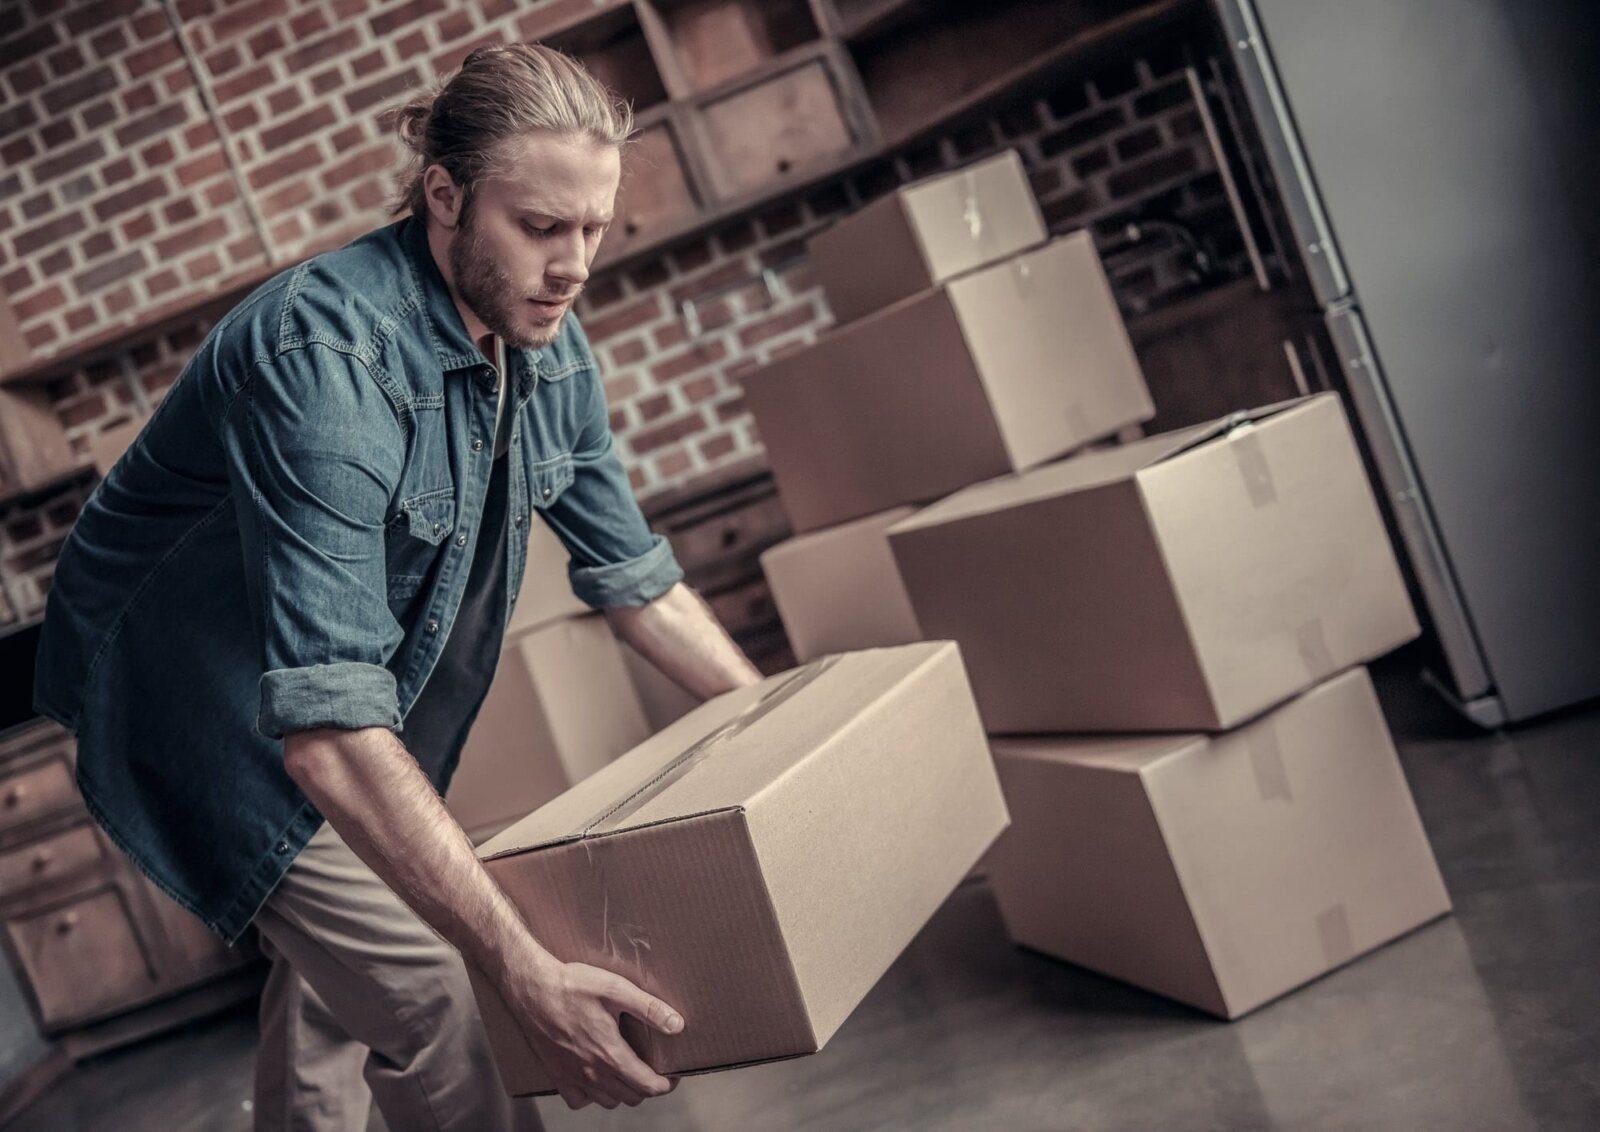 Man lifting boxes